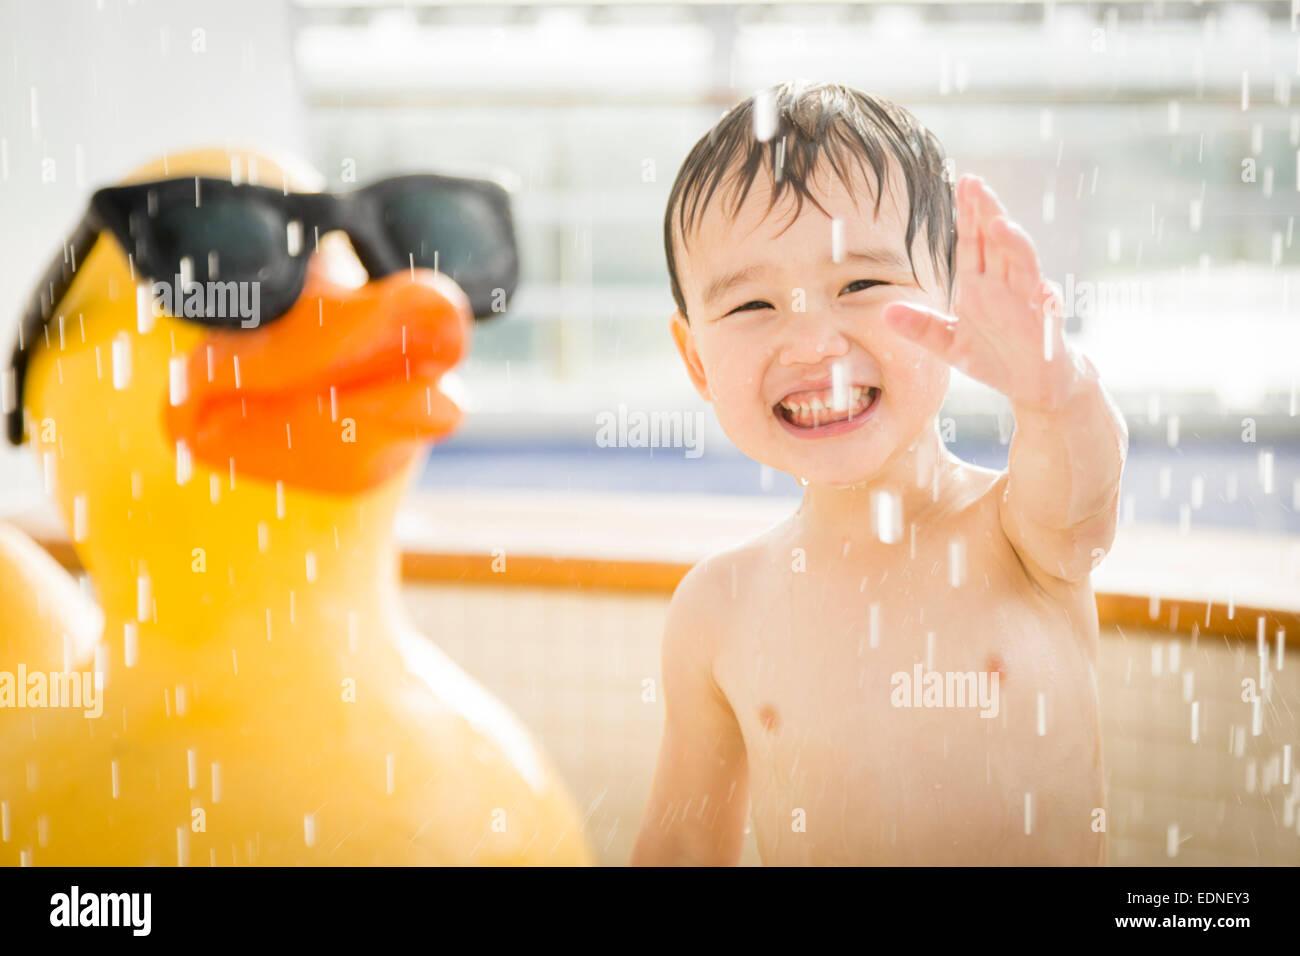 Mixed Race Boy s'amuser au parc aquatique avec grand canard en caoutchouc à l'arrière-plan. Photo Stock